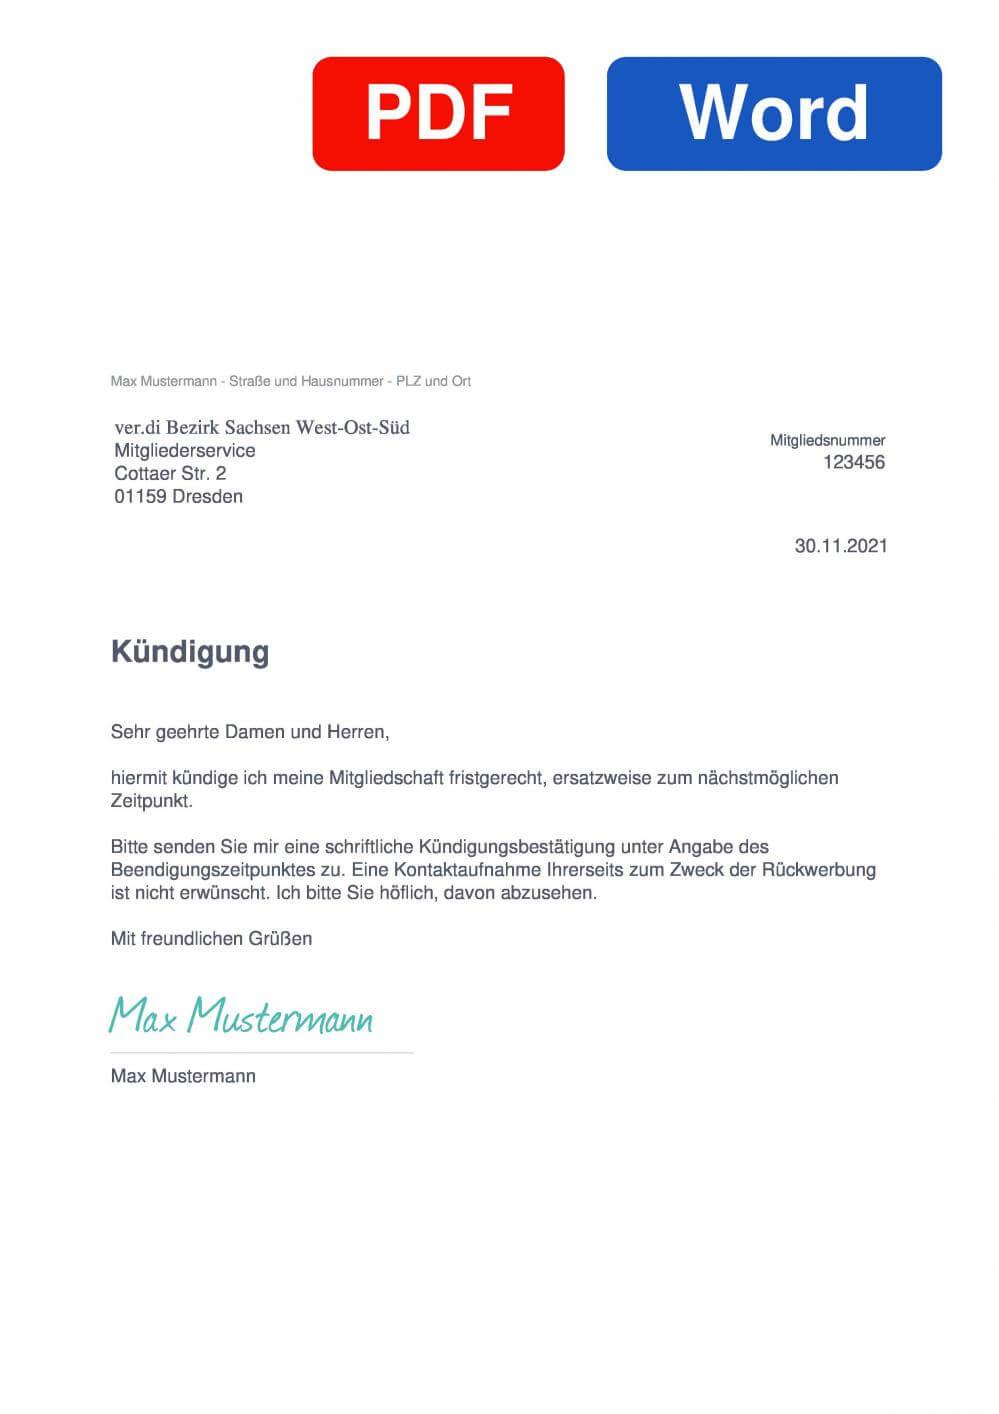 Verdi Zwickau Muster Vorlage für Kündigungsschreiben